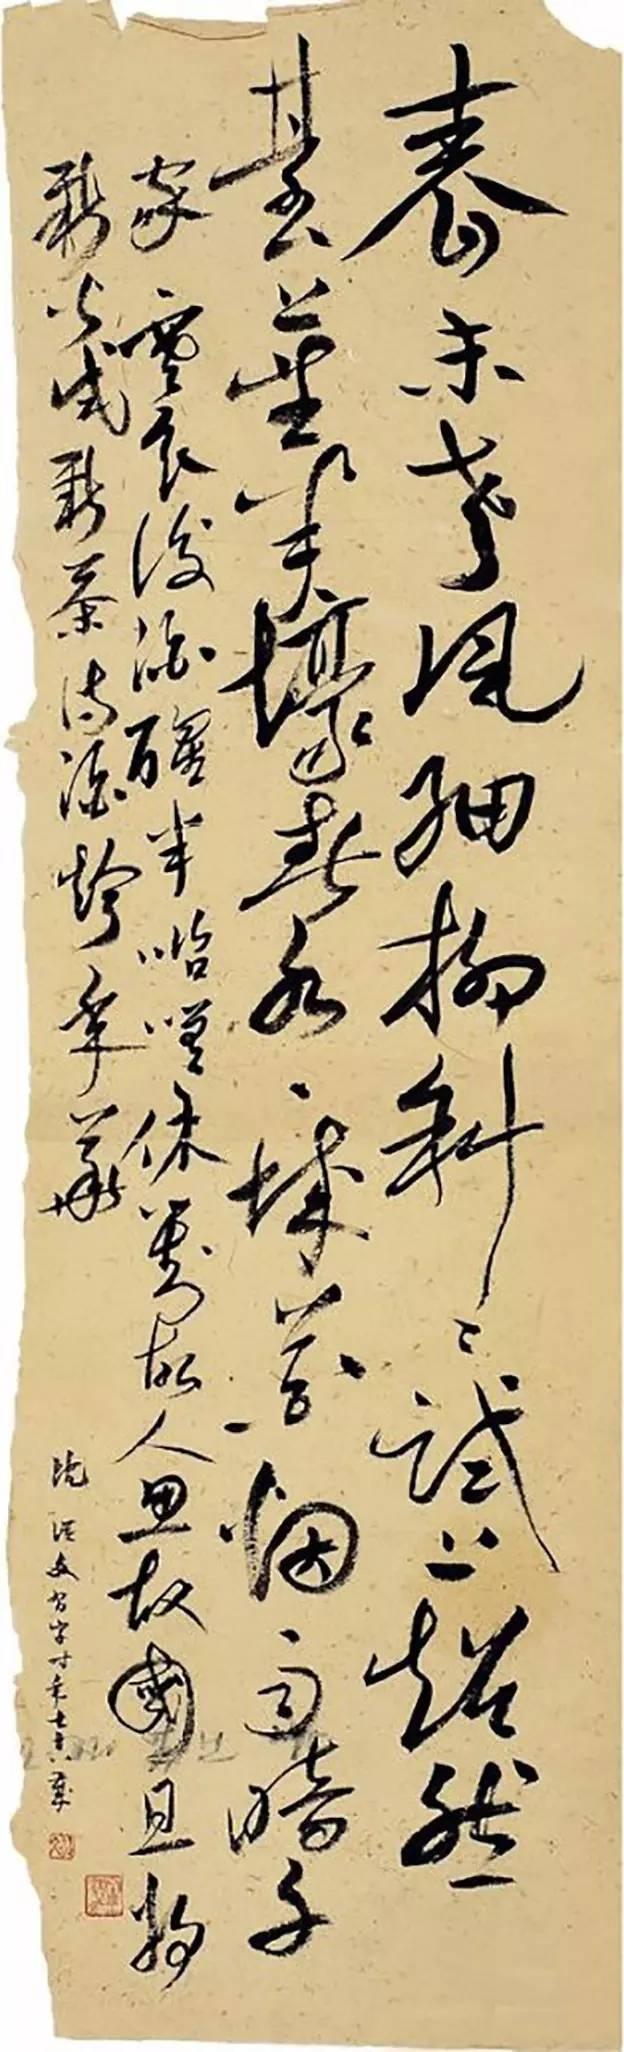 1980 草书 苏轼望江南词